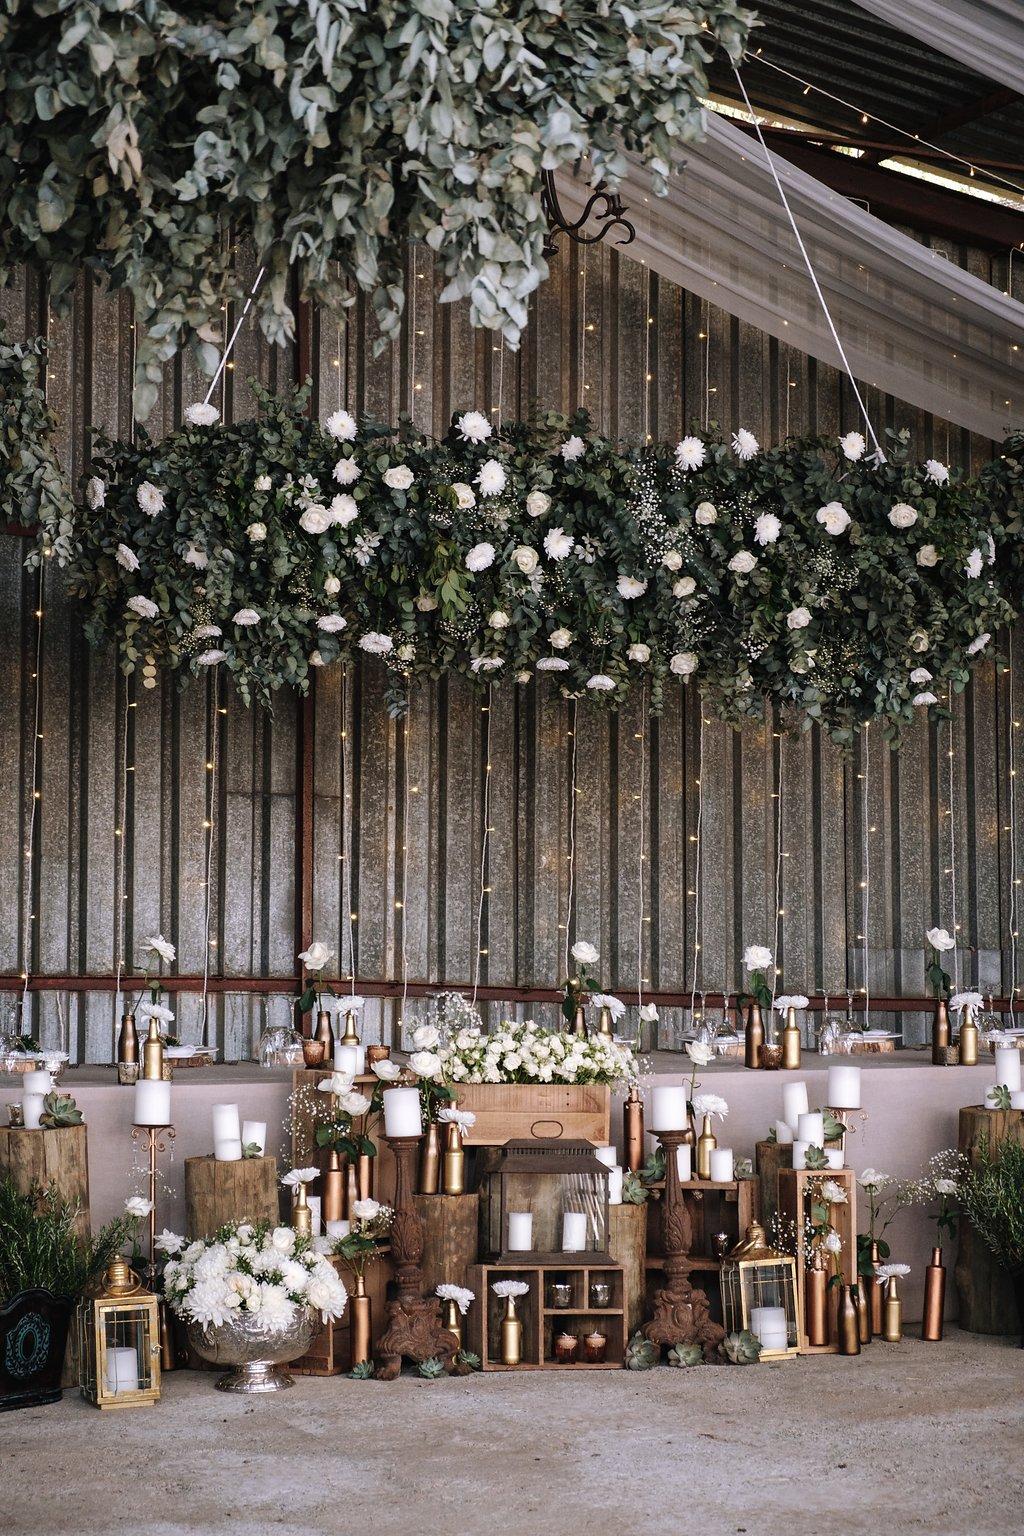 Gorgeous Barn Wedding - Farm-Forest Wedding - The Overwhelmed Bride Wedding Blog